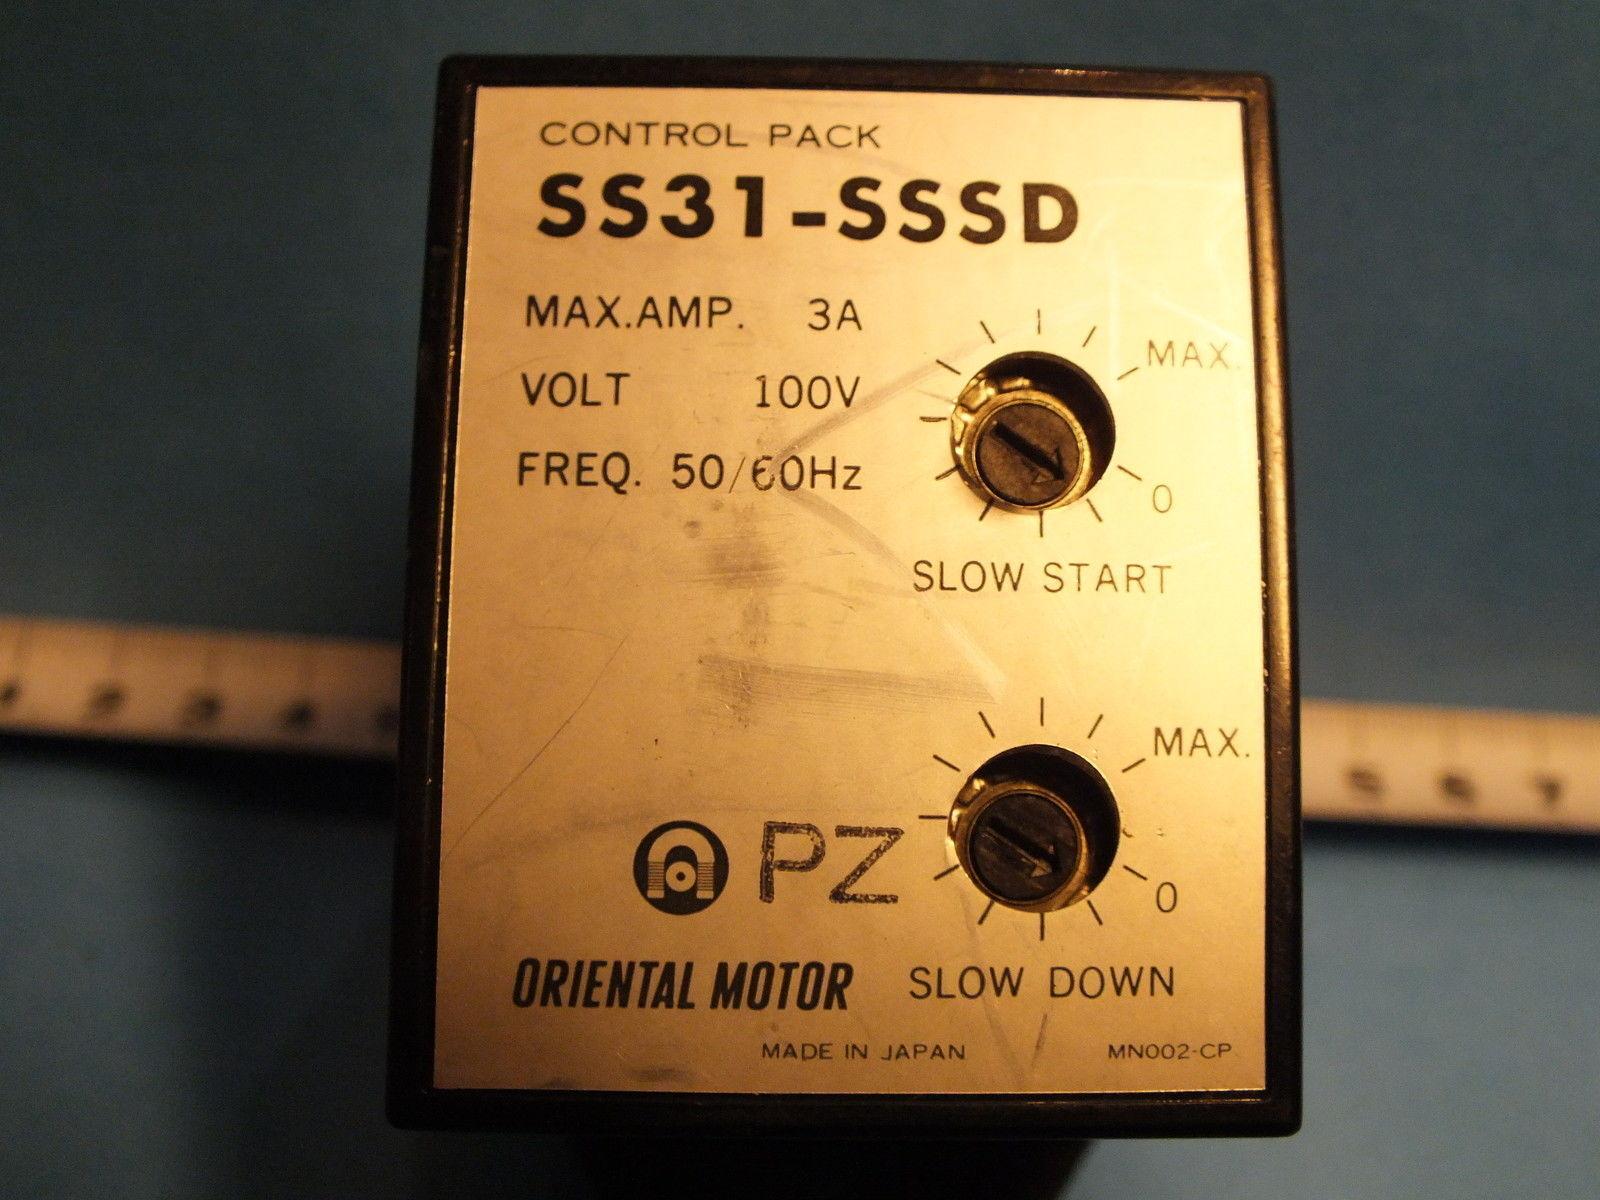 ORIENTAL MOTOR    SS31-SSSD